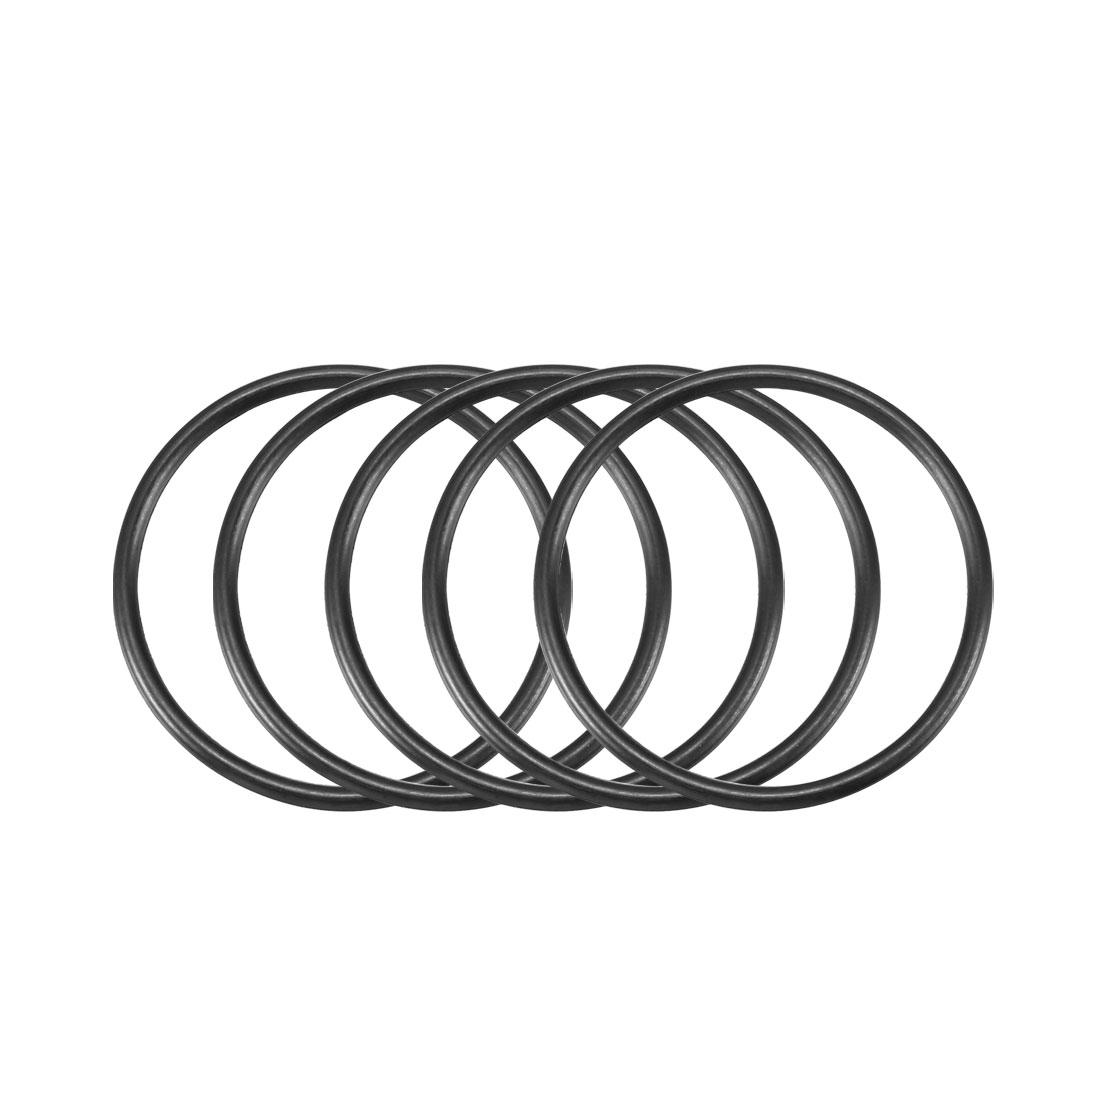 30pcs Black Nitrile Butadiene Rubber NBR O-Ring 23mm Inner Dia 1.5mm Width